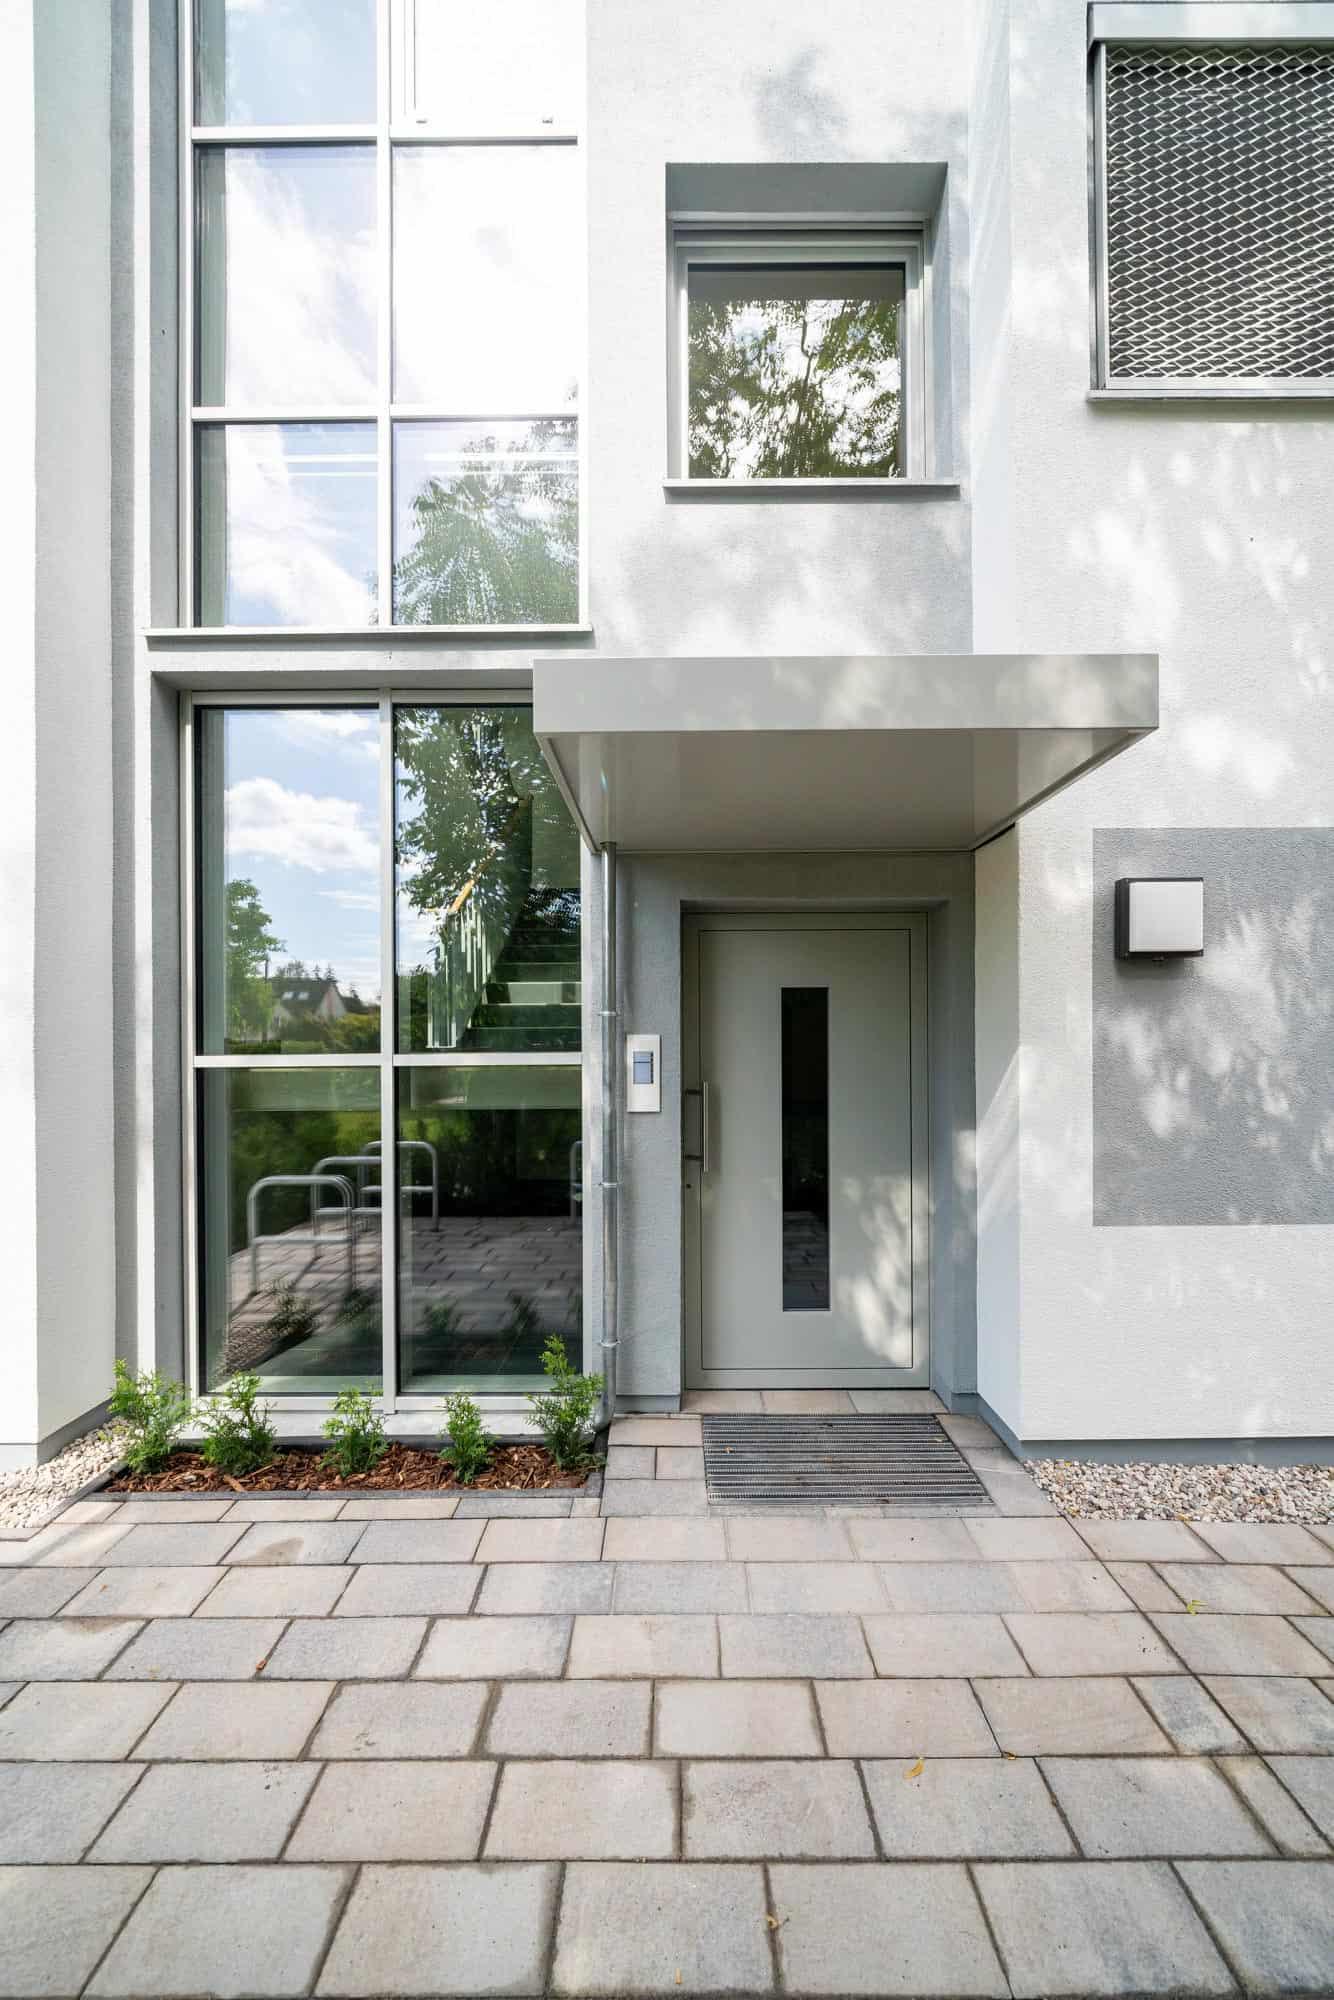 S2 - Mehrfamilienhaus – Berlin 3